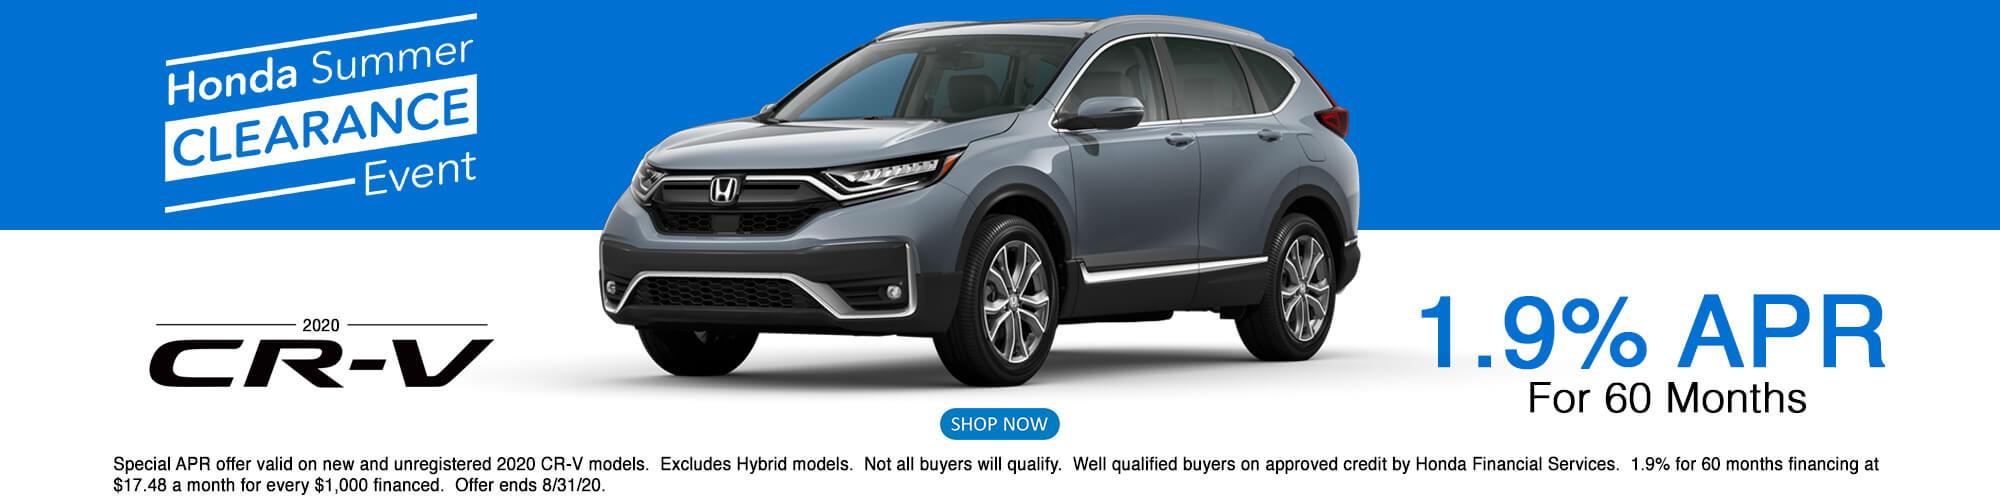 2020 Honda CRV APR Offer